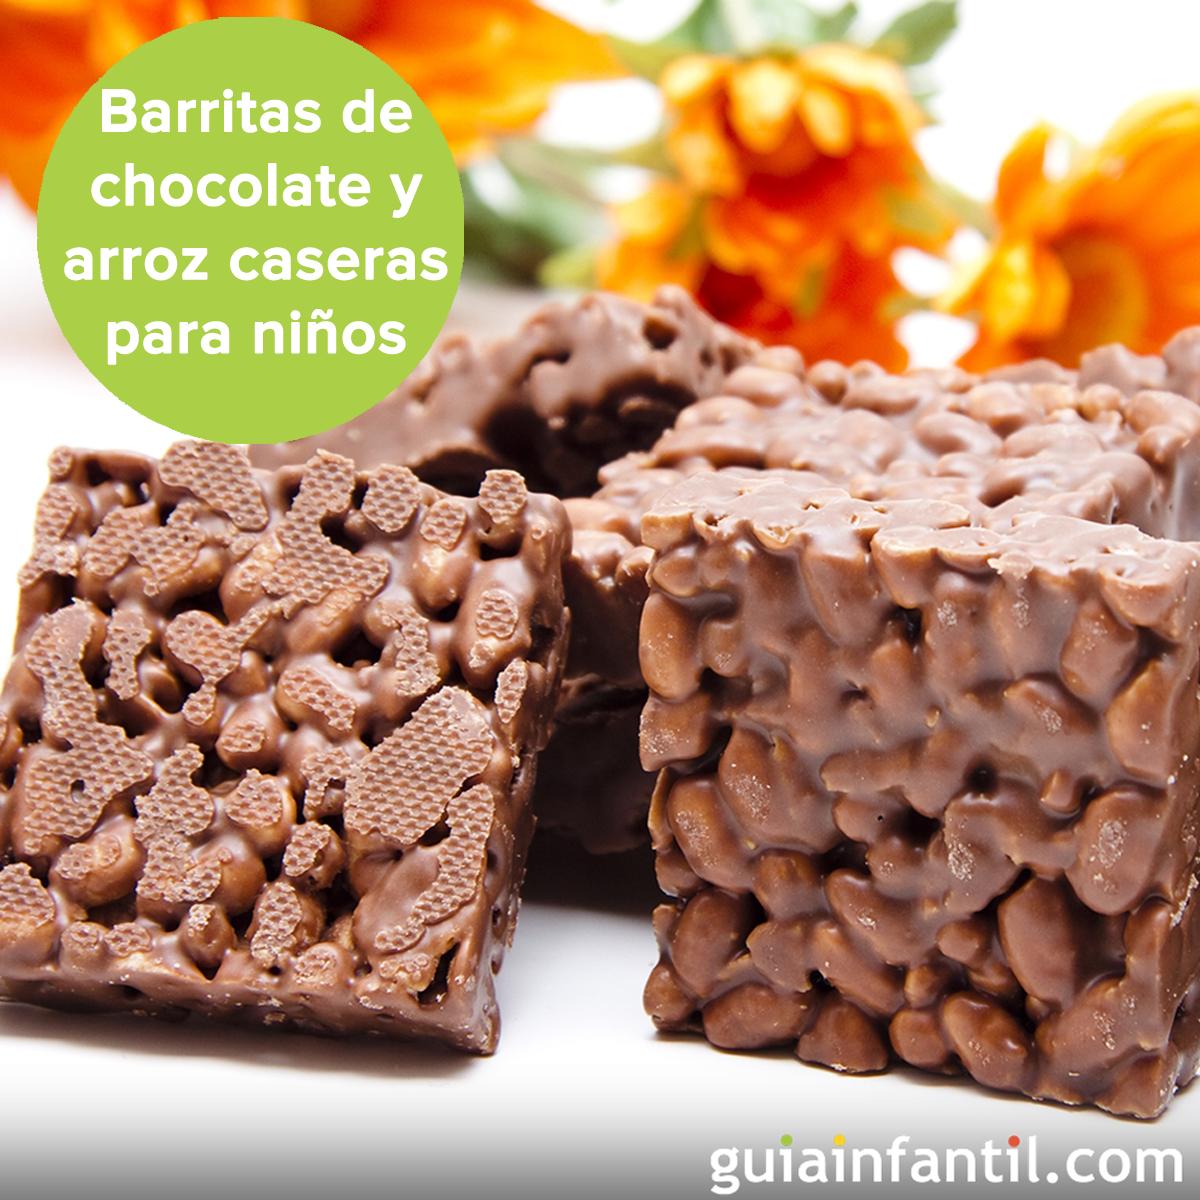 Barritas de arroz con chocolate, ¡deliciosas para la merienda! http://www.guiainfantil.com/recetas/postres-y-dulces/chocolate/receta-de-barritas-con-nocilla-y-arroz-para-merendar/